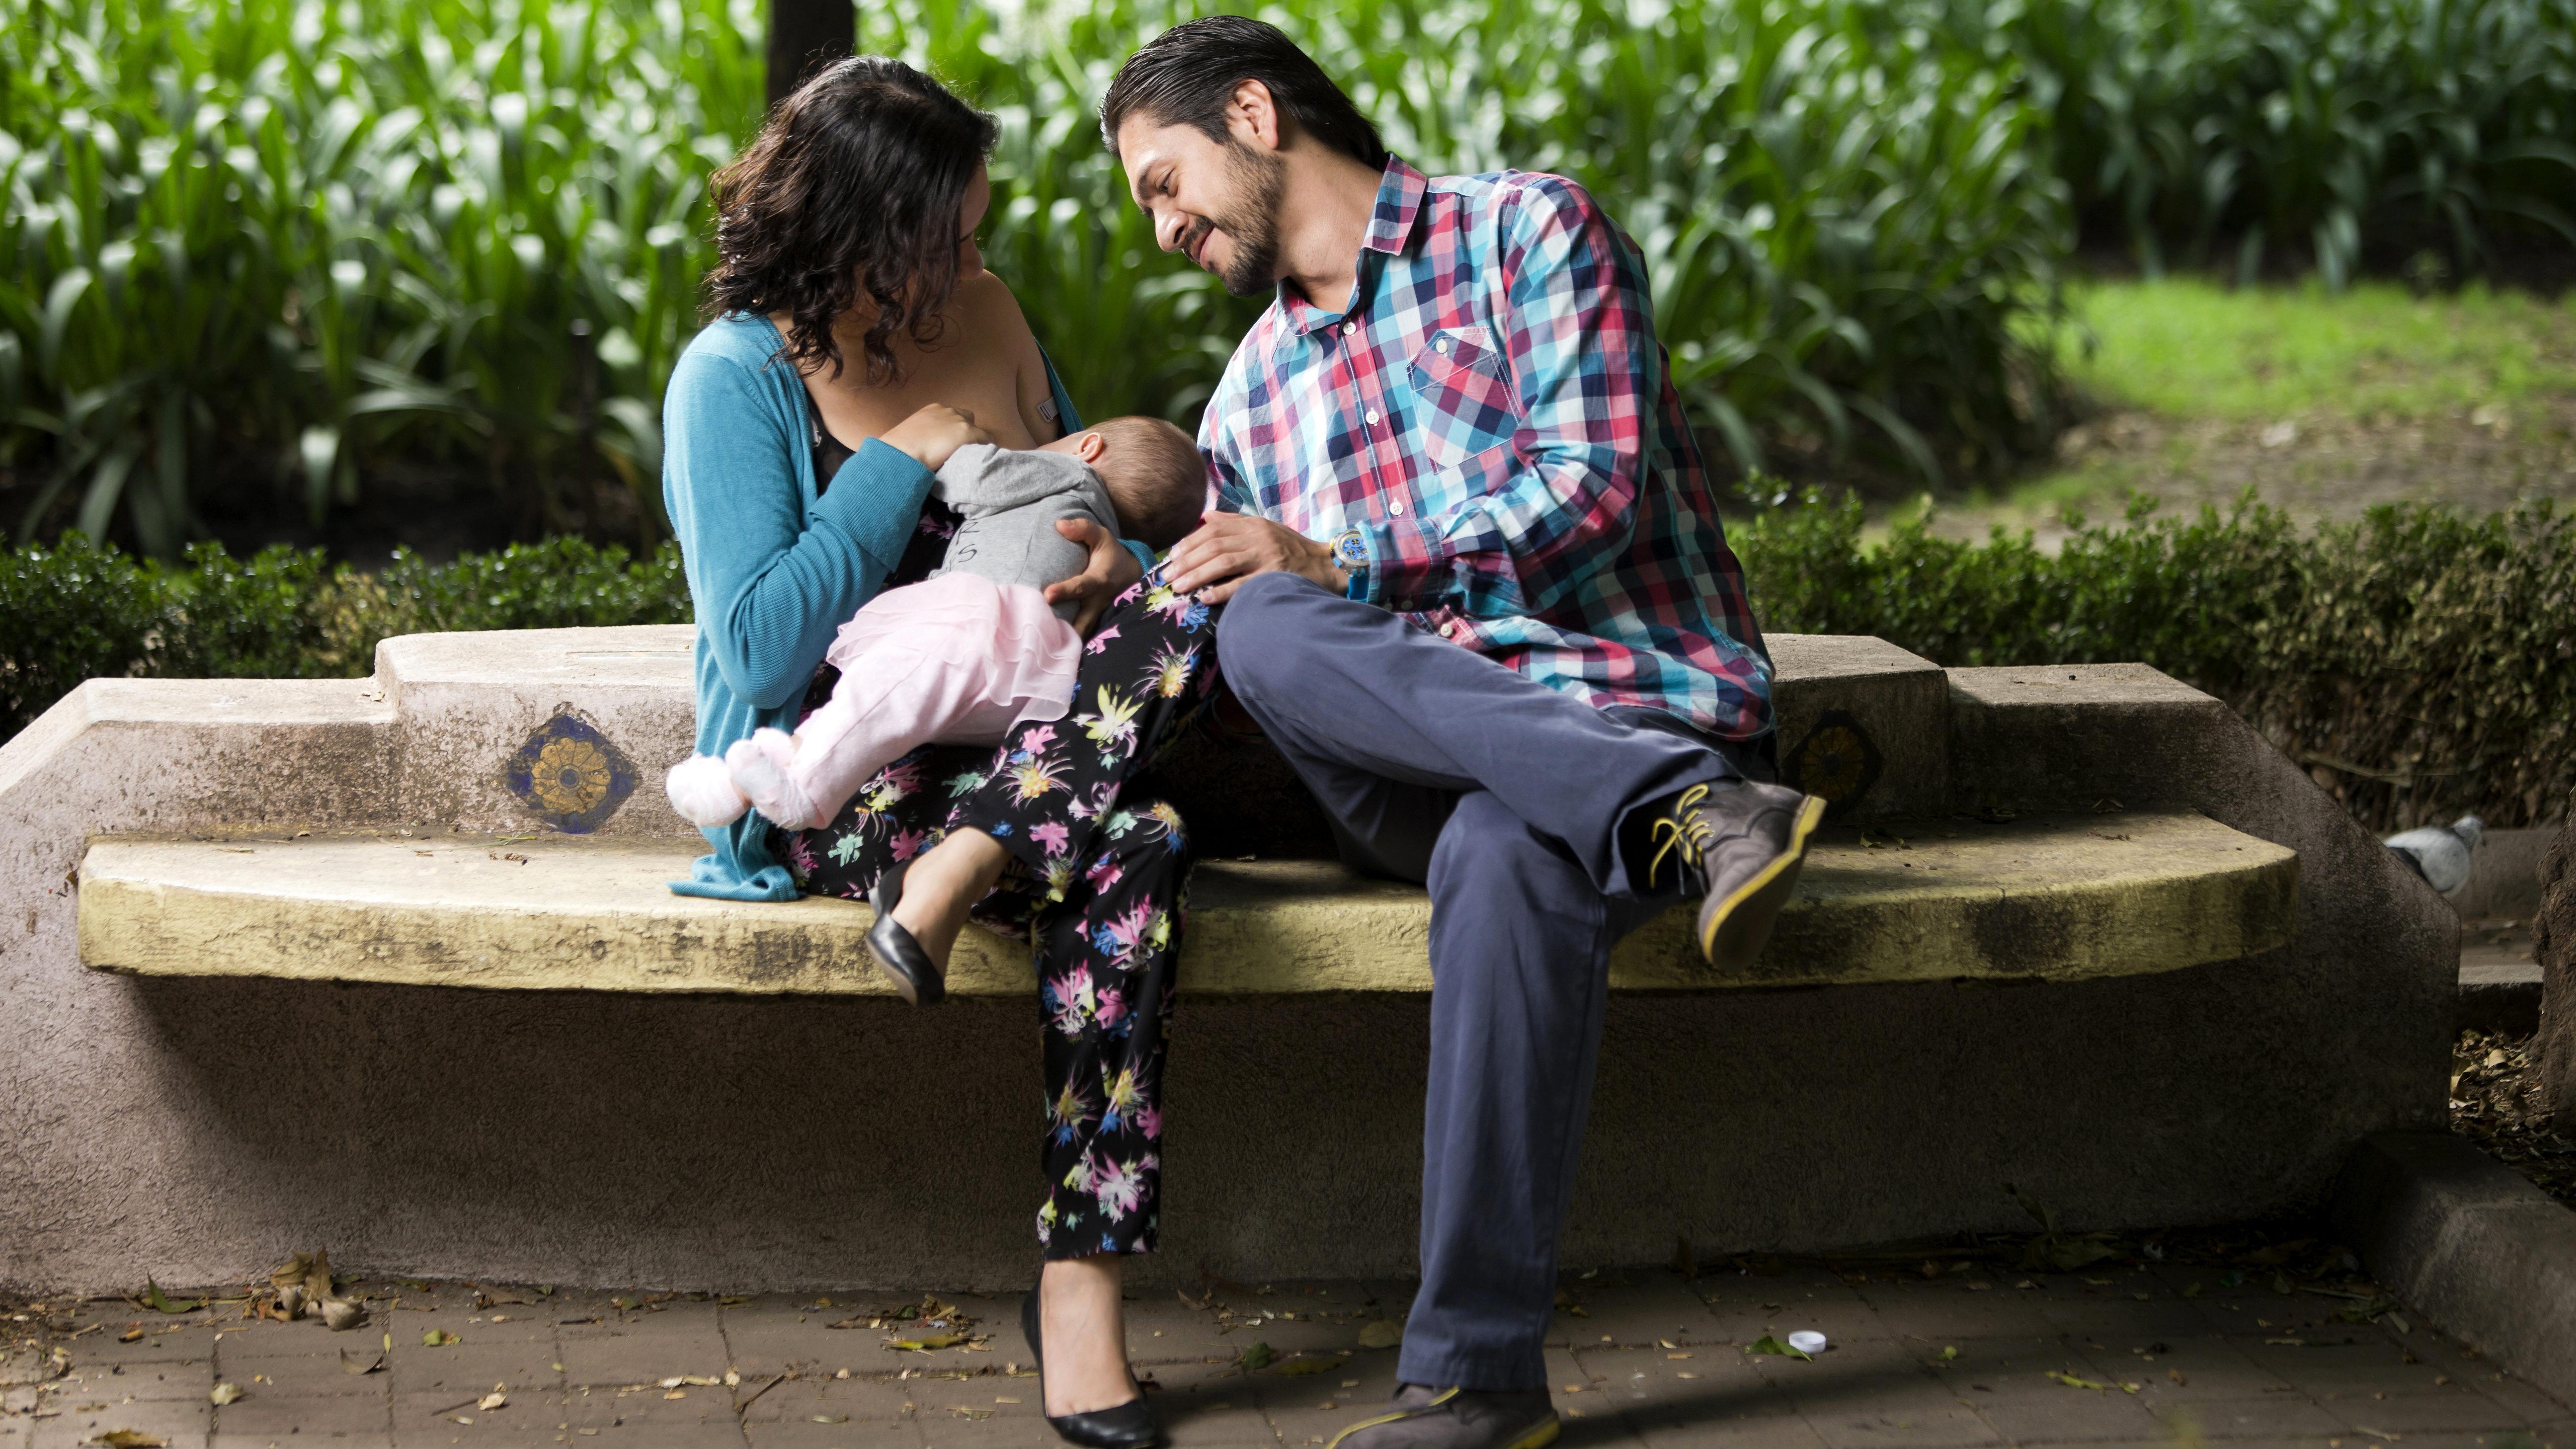 Madres lactantes vacunadas transmiten anticuerpos a sus hijos: estudio